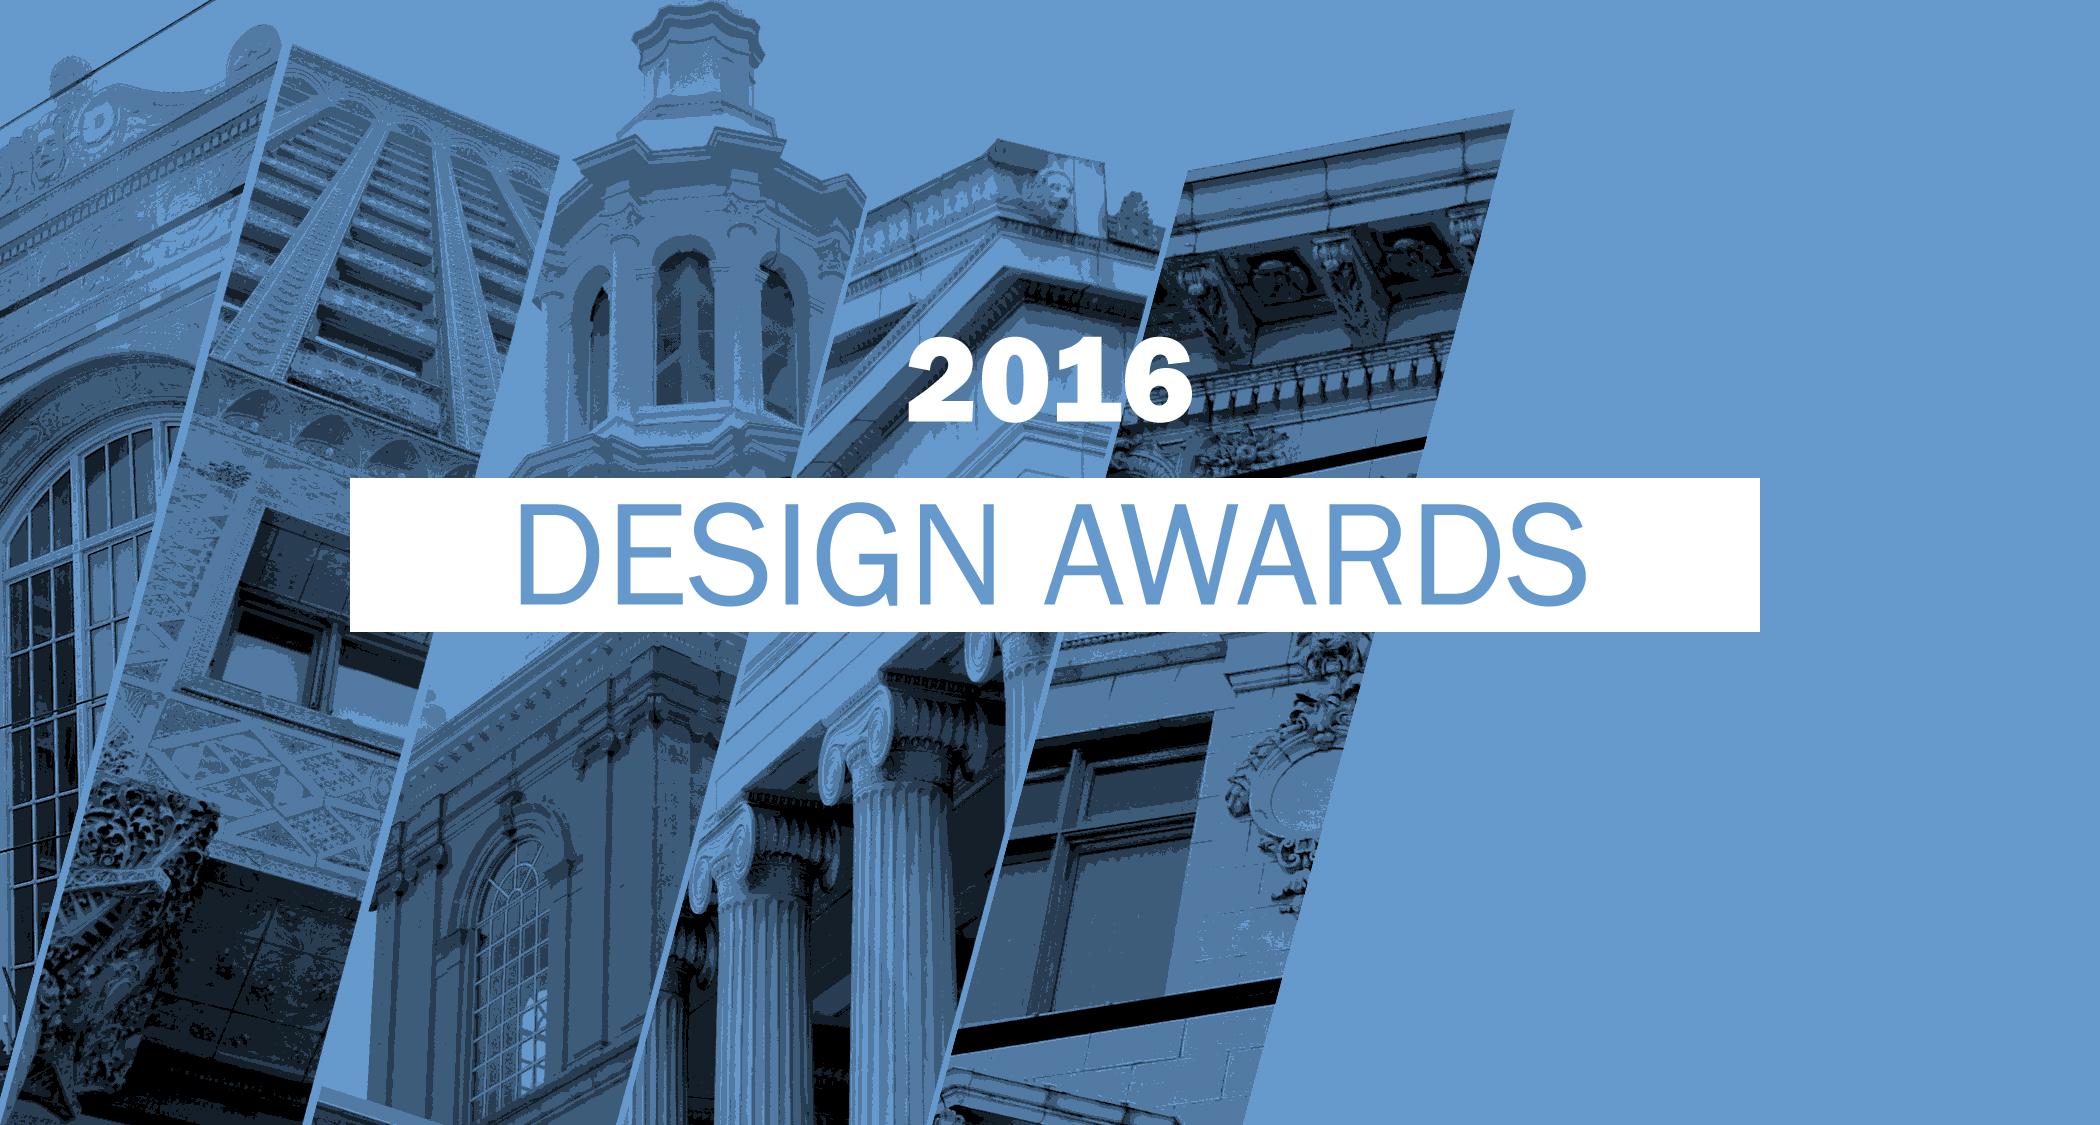 2016 Design Awards Banner.jpg